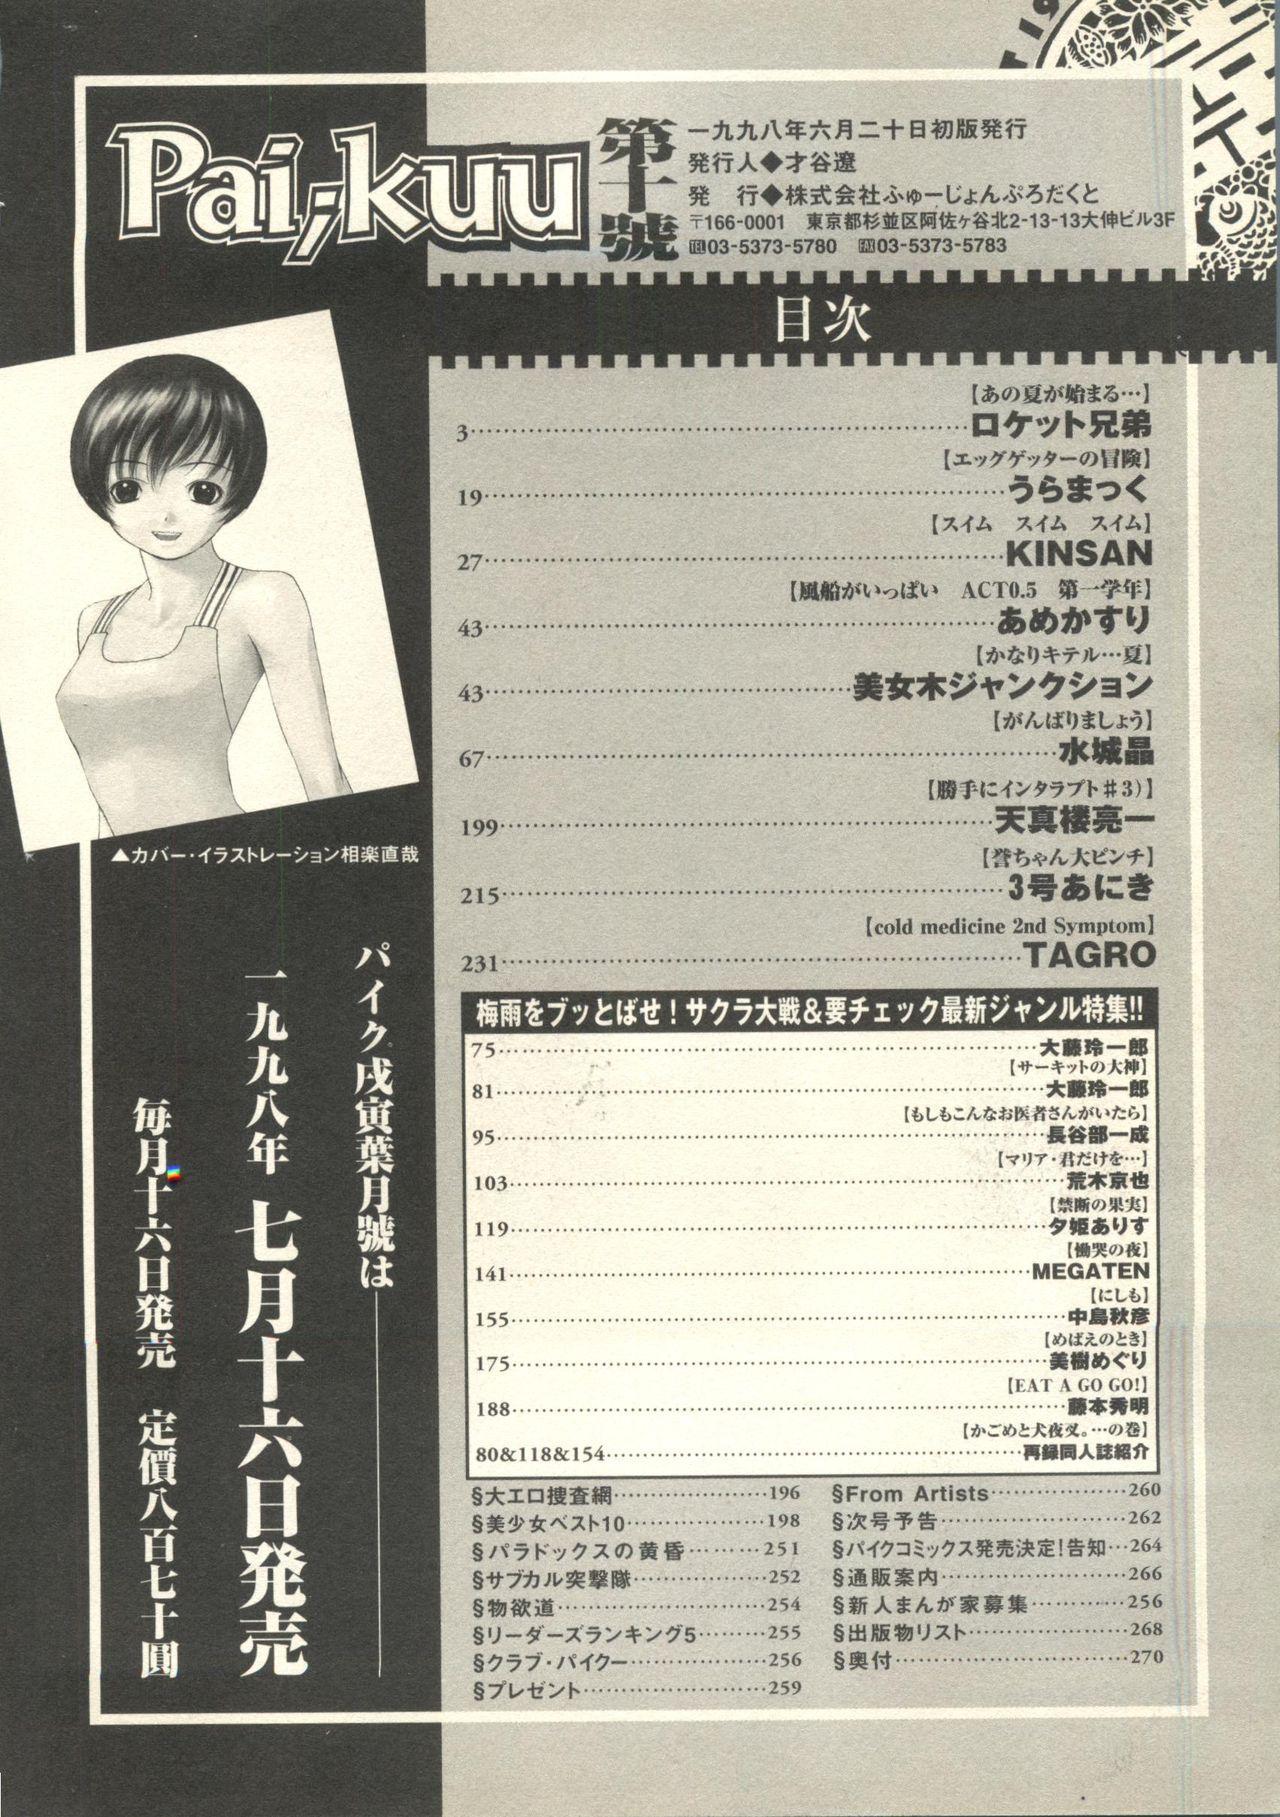 Pai;kuu 1998 July Vol. 11 270